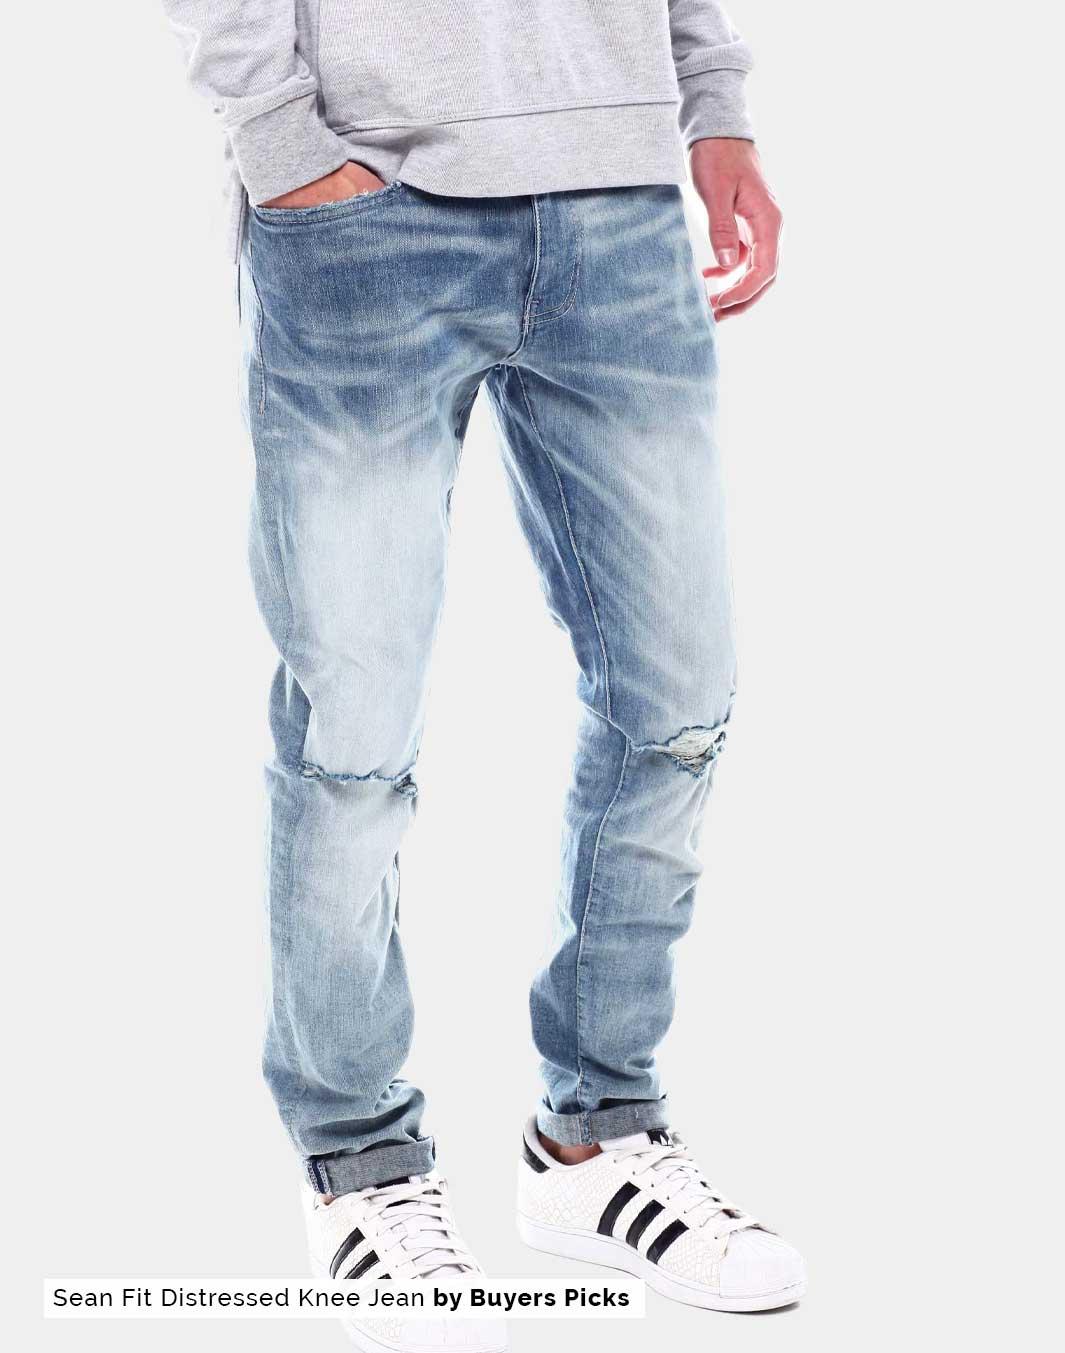 Jeans for Men at DrJays.com